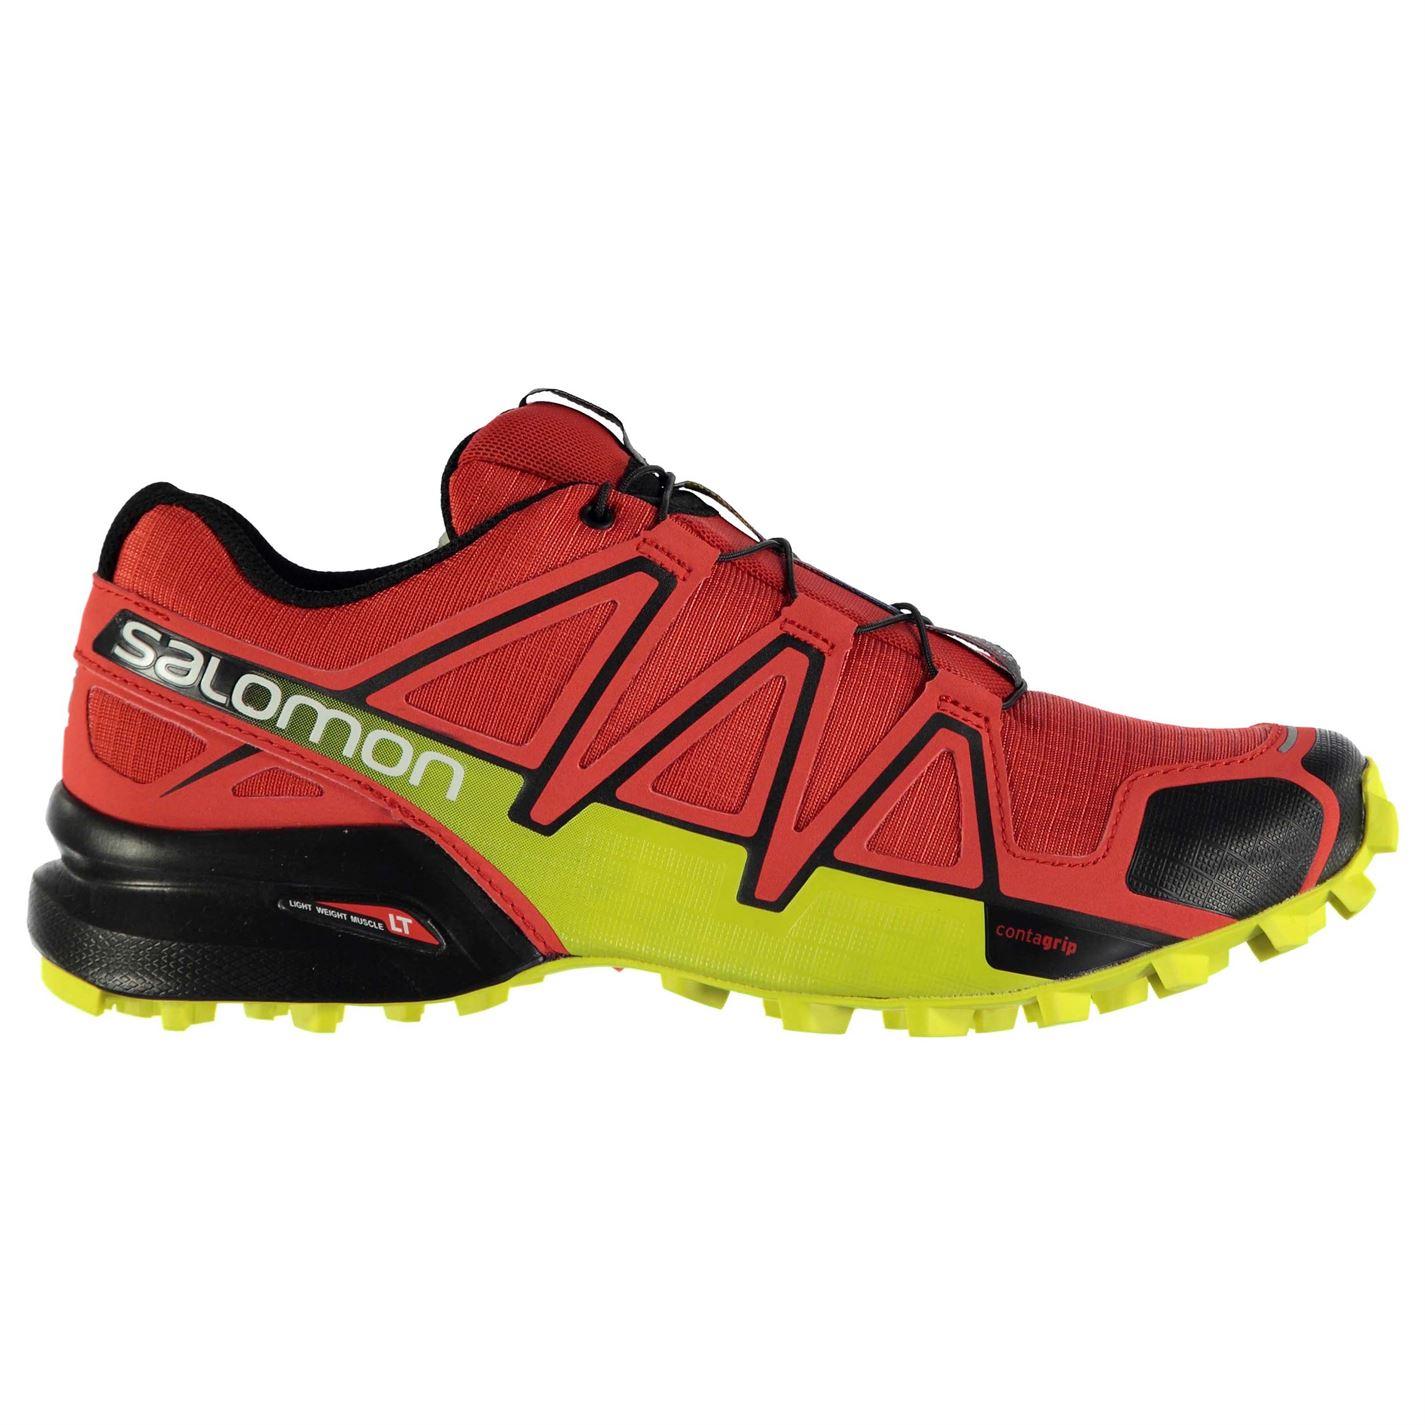 Salomon Speedcross 4 pánske bežecké topánky